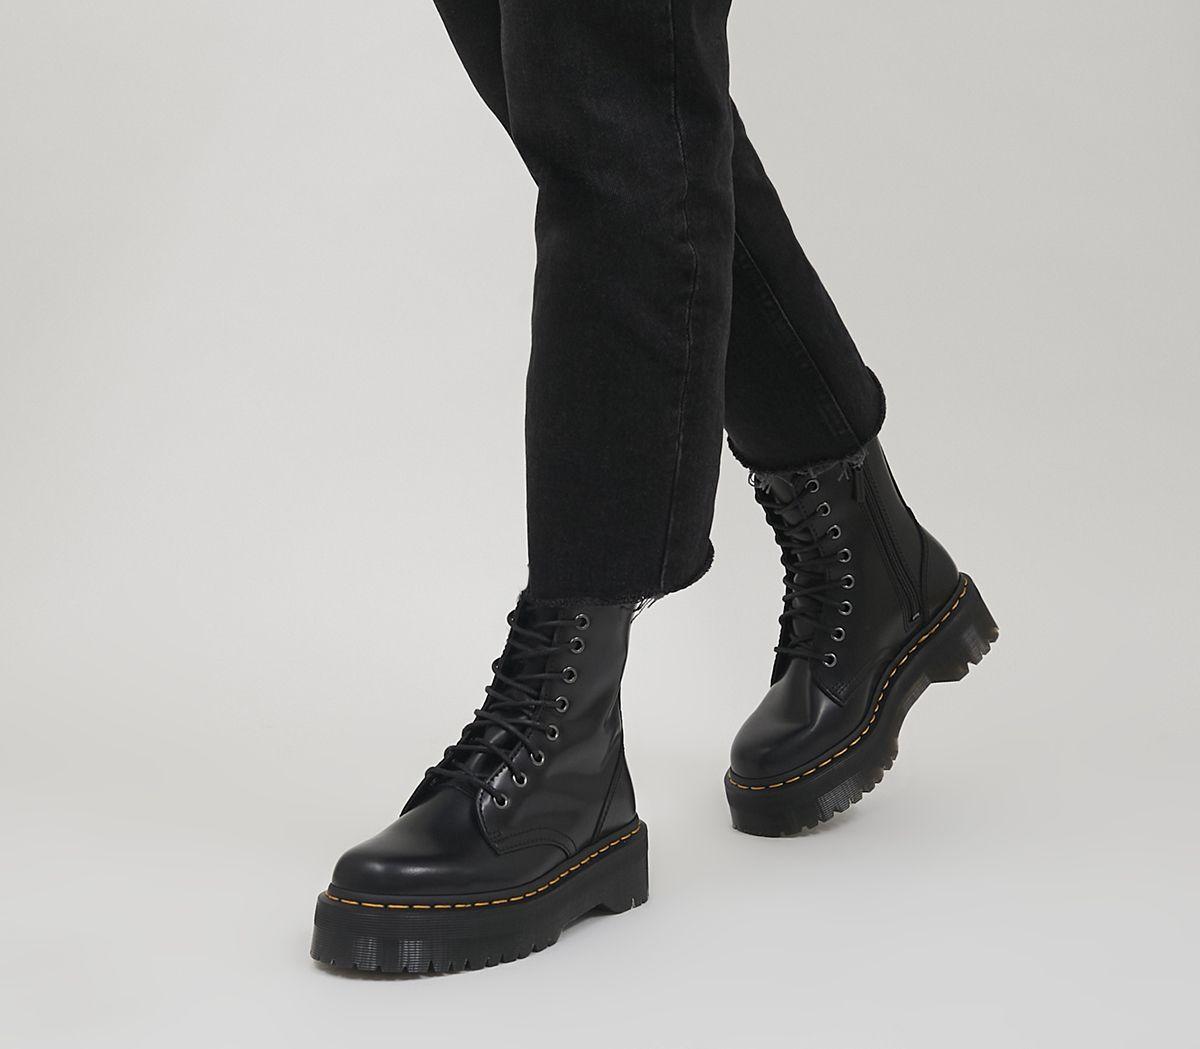 bf66ab0c84c525 Dr. Martens Jadon 8 Eye Boots Black - Ankle Boots